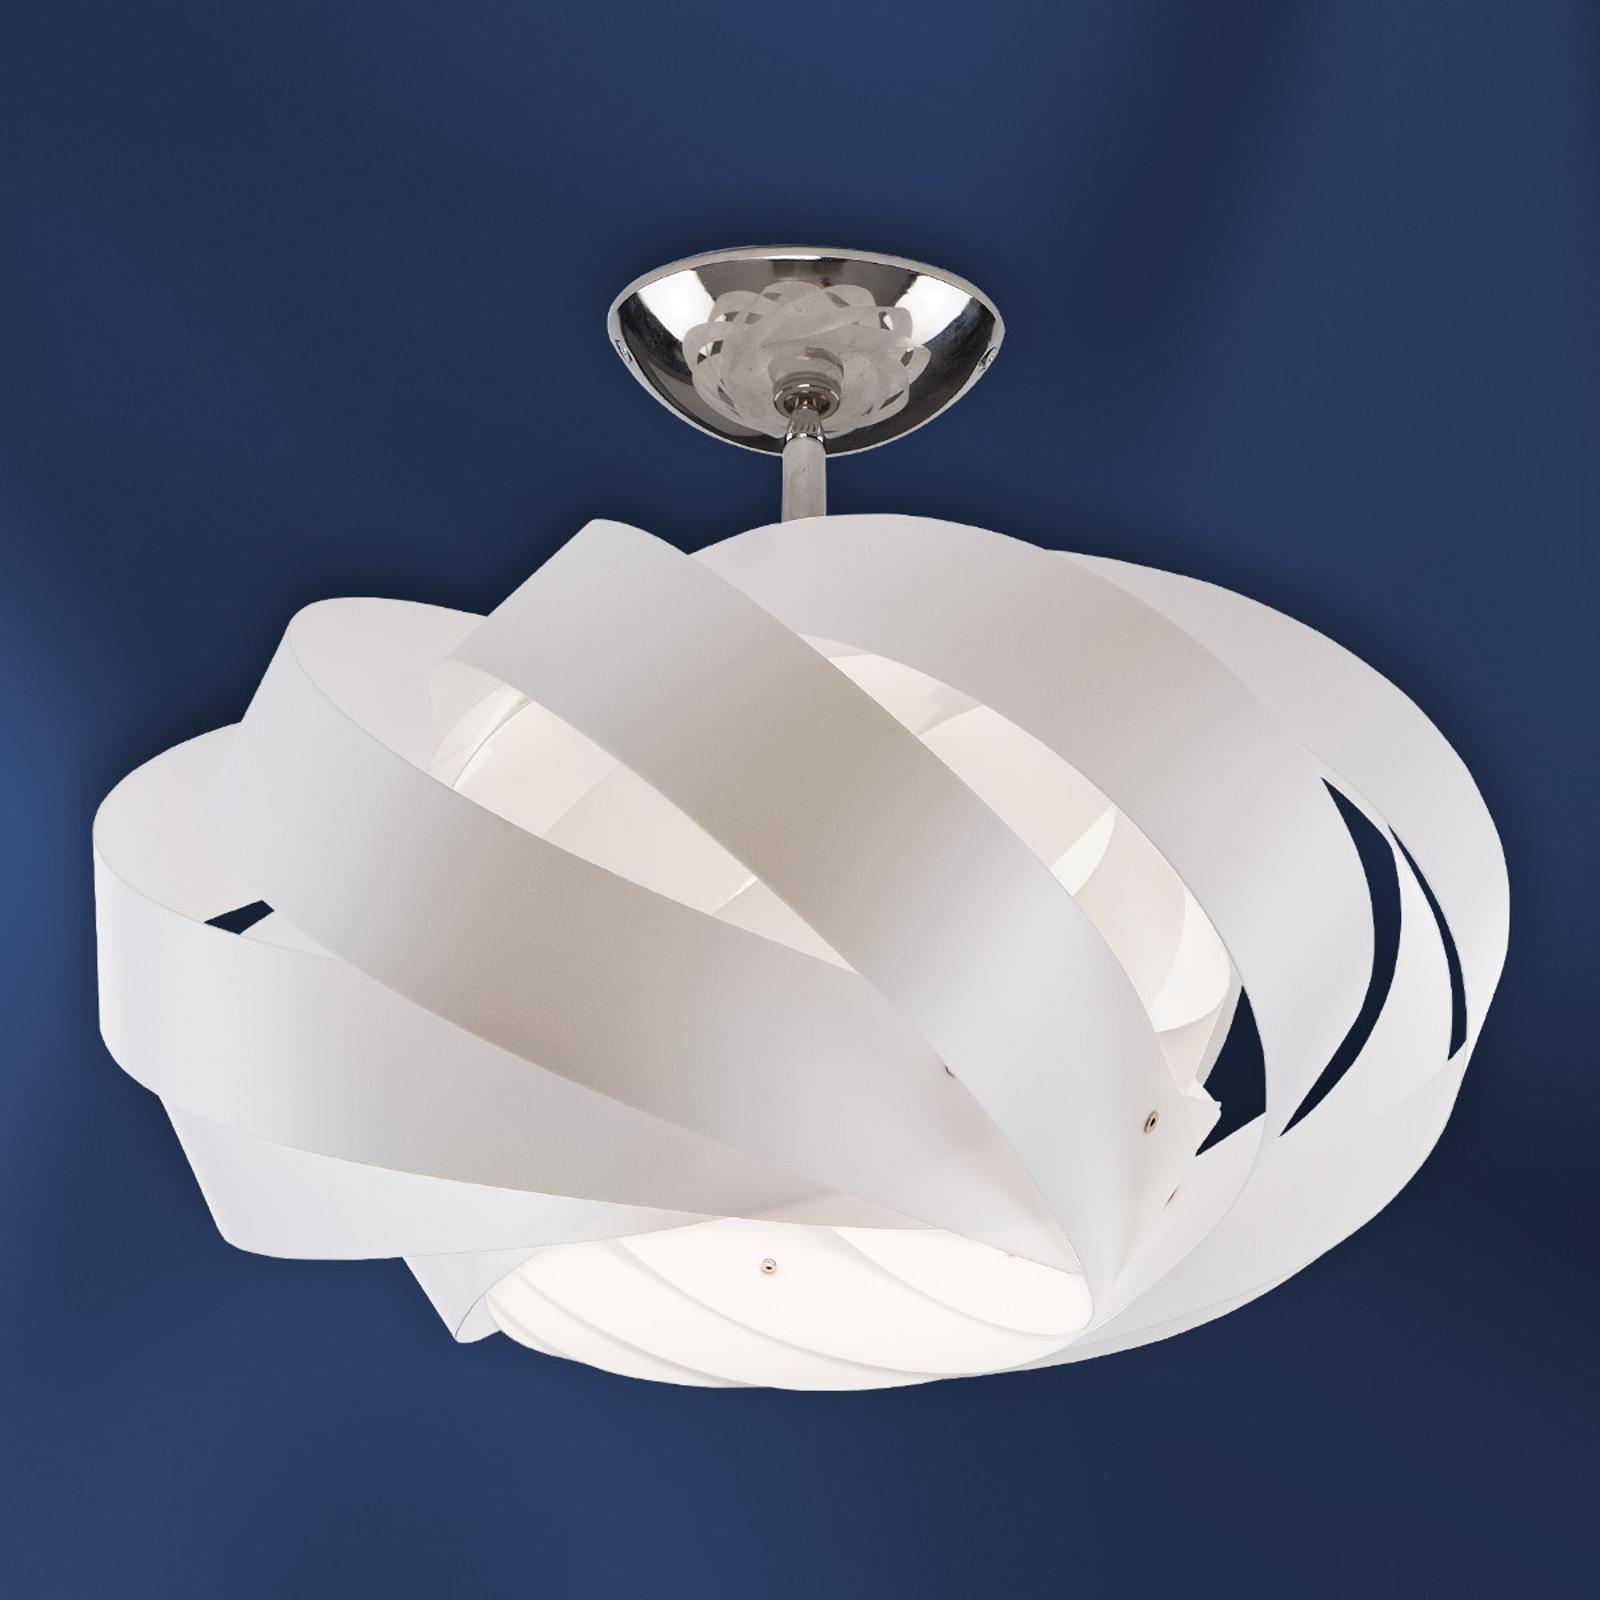 Deckenleuchte Sky Mini Nest weiß